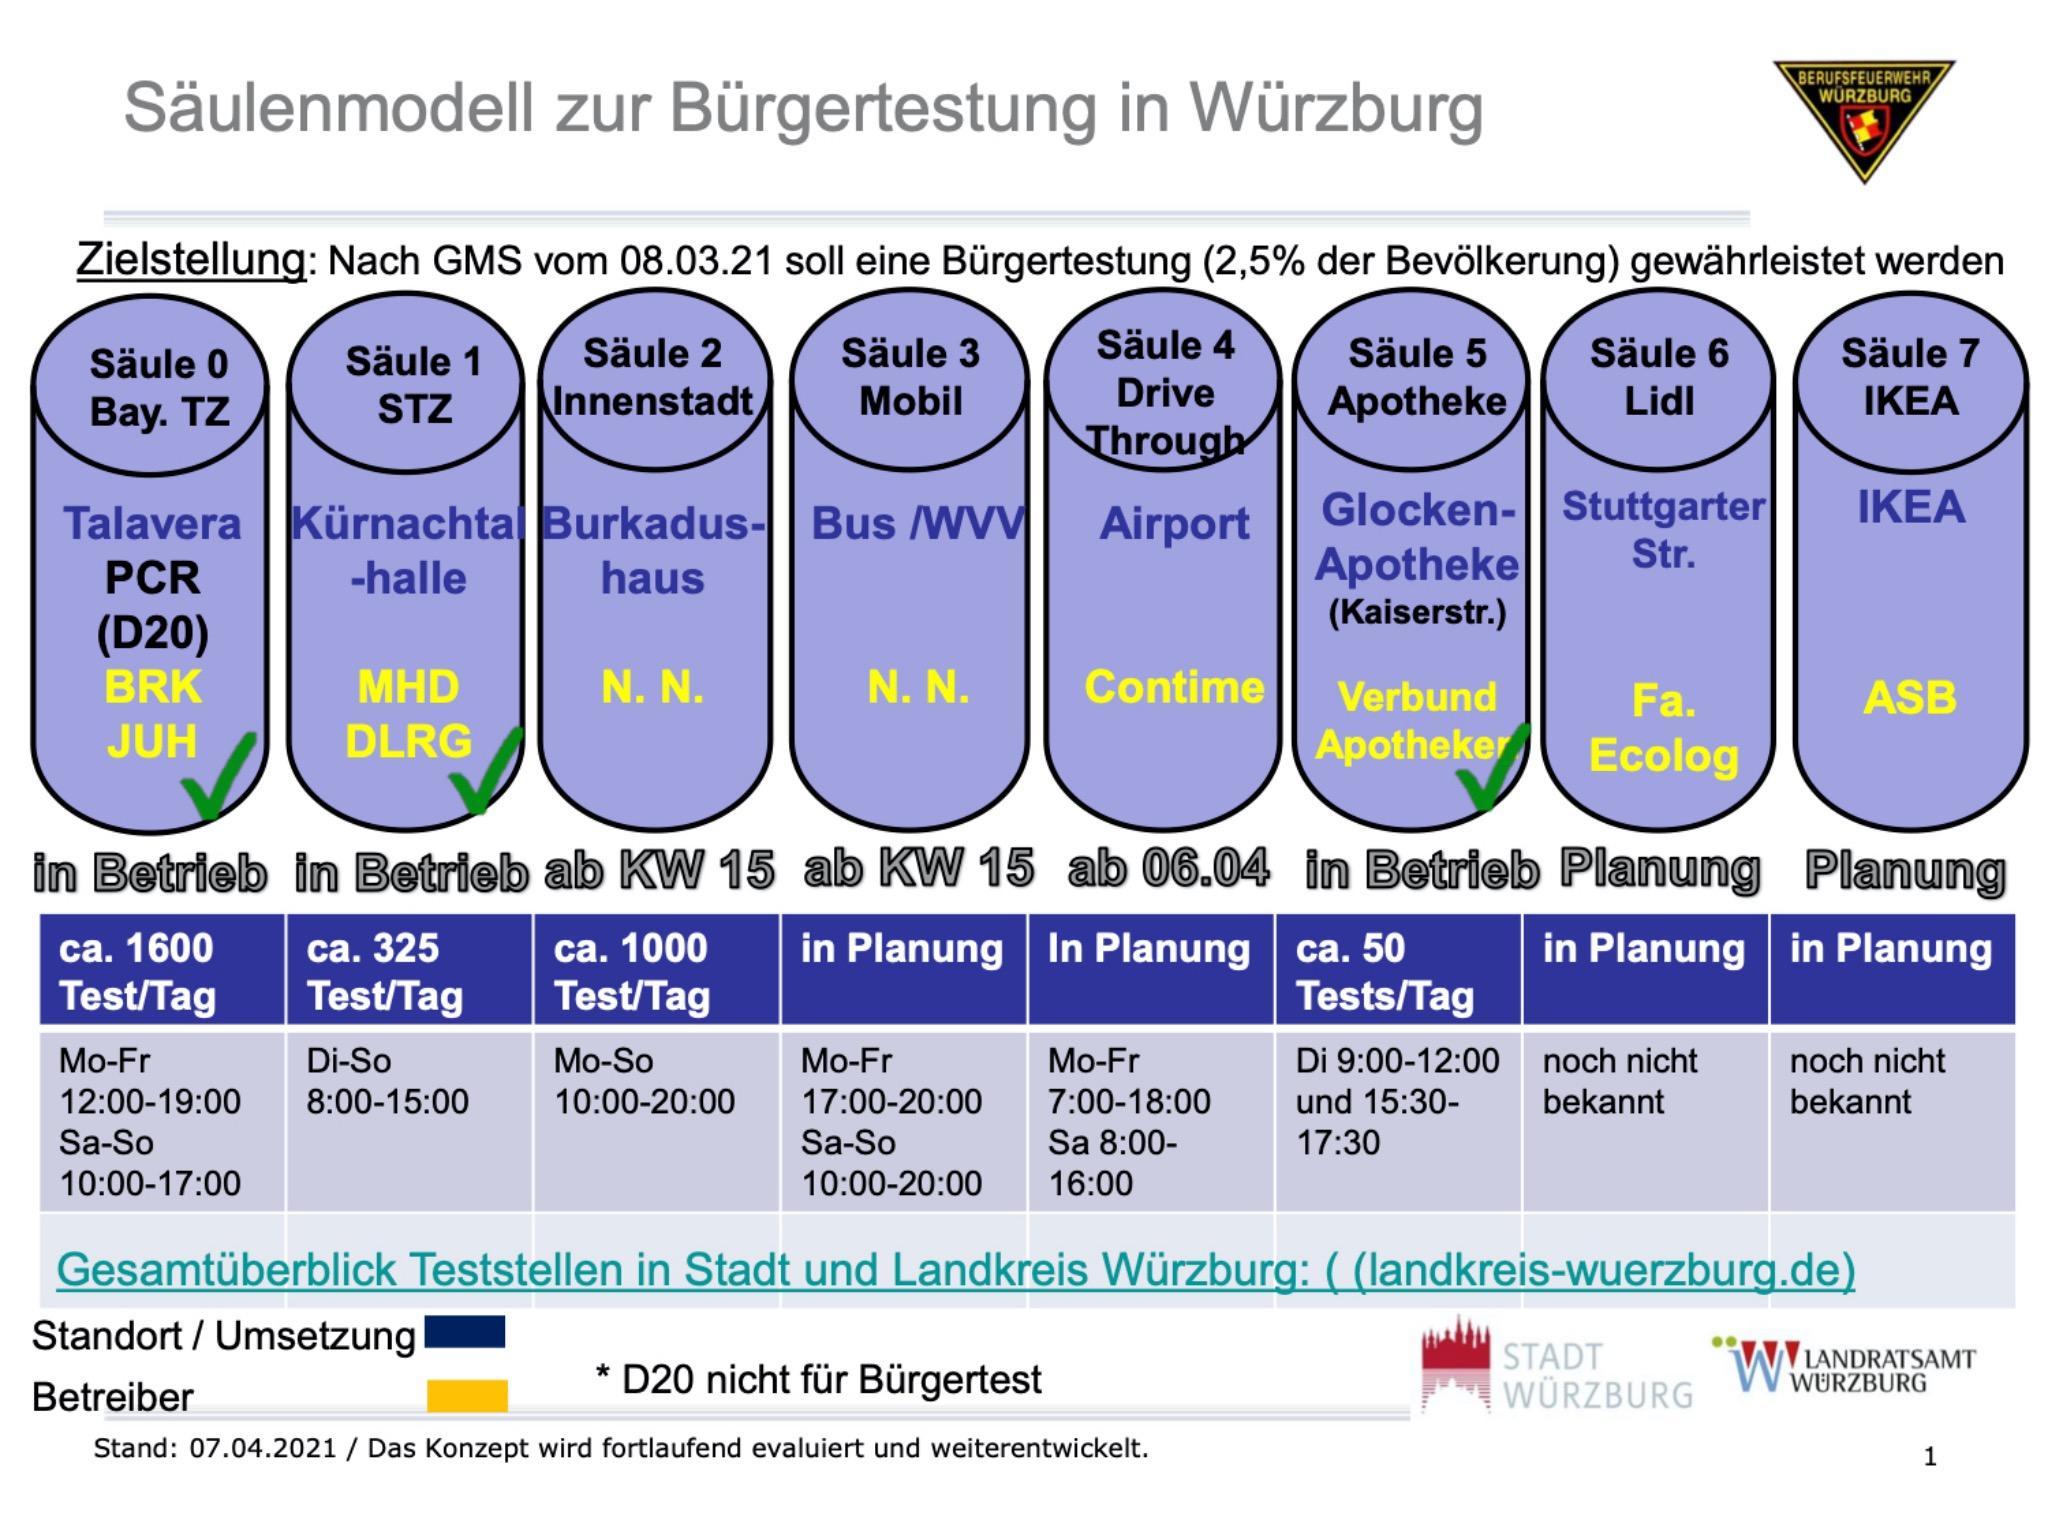 Die 8 Säulen Teststrategie in Würzburg. Grafik: Stadt Würzburg